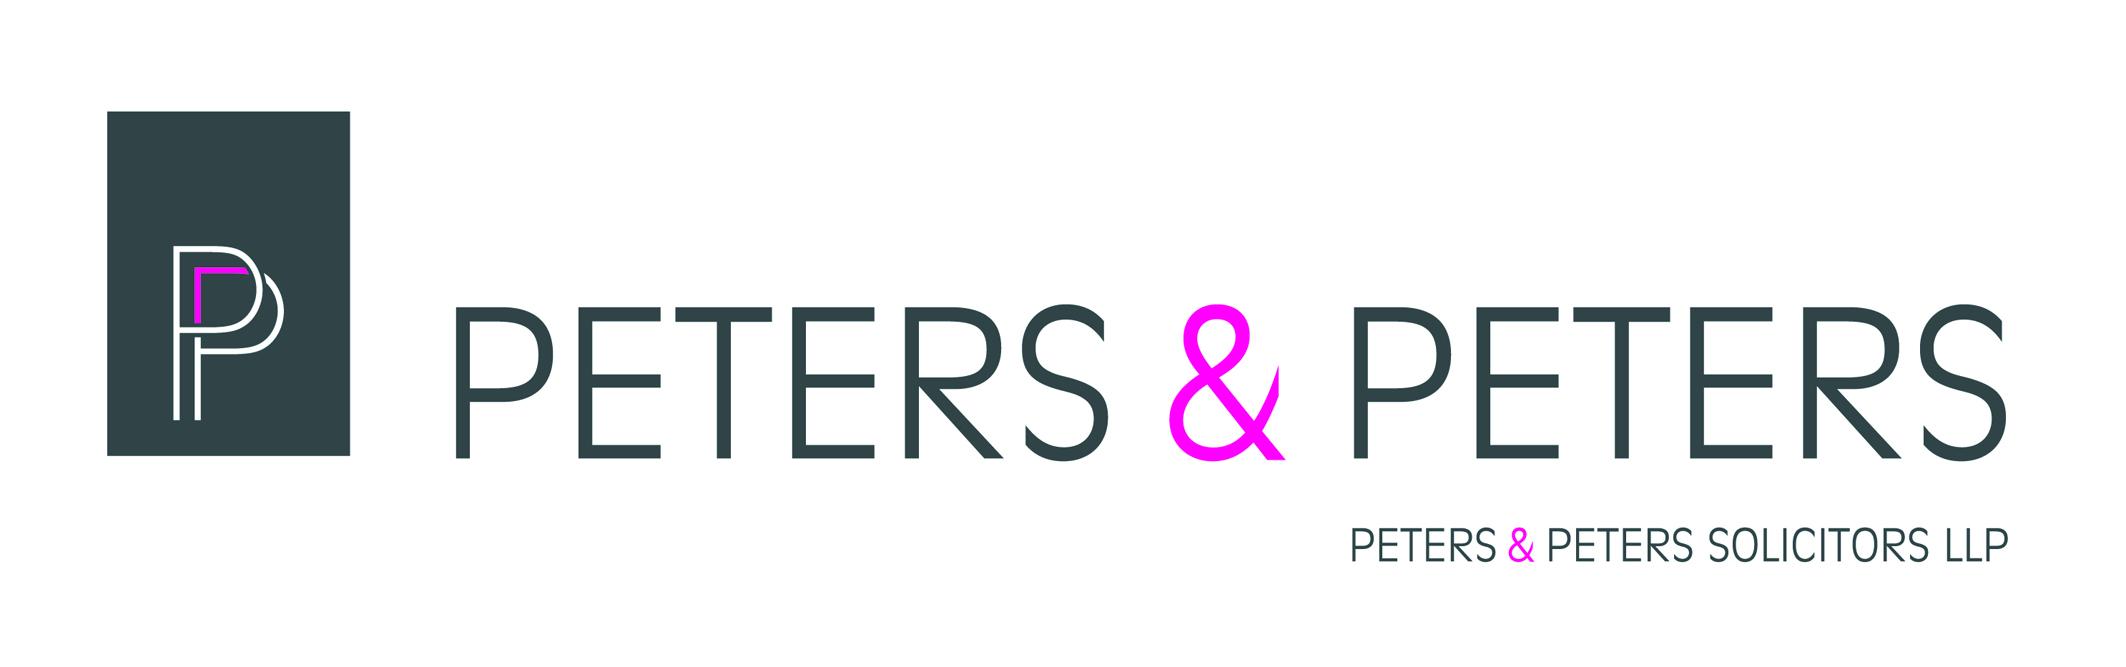 Peters & Peters